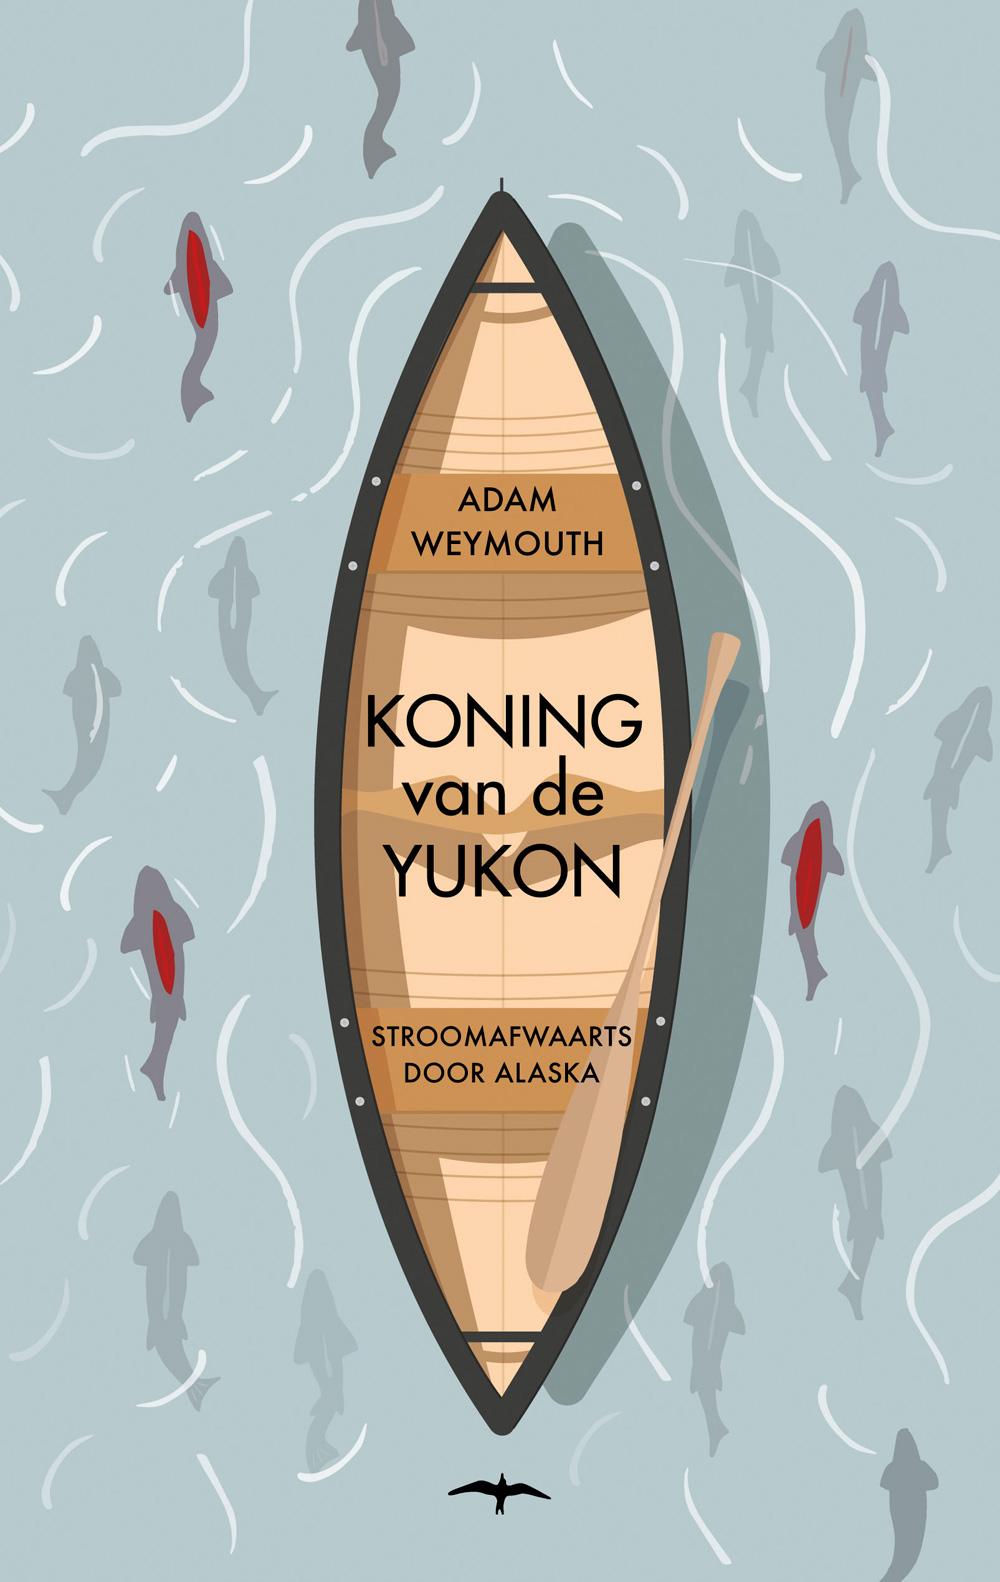 Op donderdag 5 september verschijnt bij Uitgeverij Thomas Rap: Koning van de Yukon, Stroomafwaarts door Alaska, van Adam Weymouth.